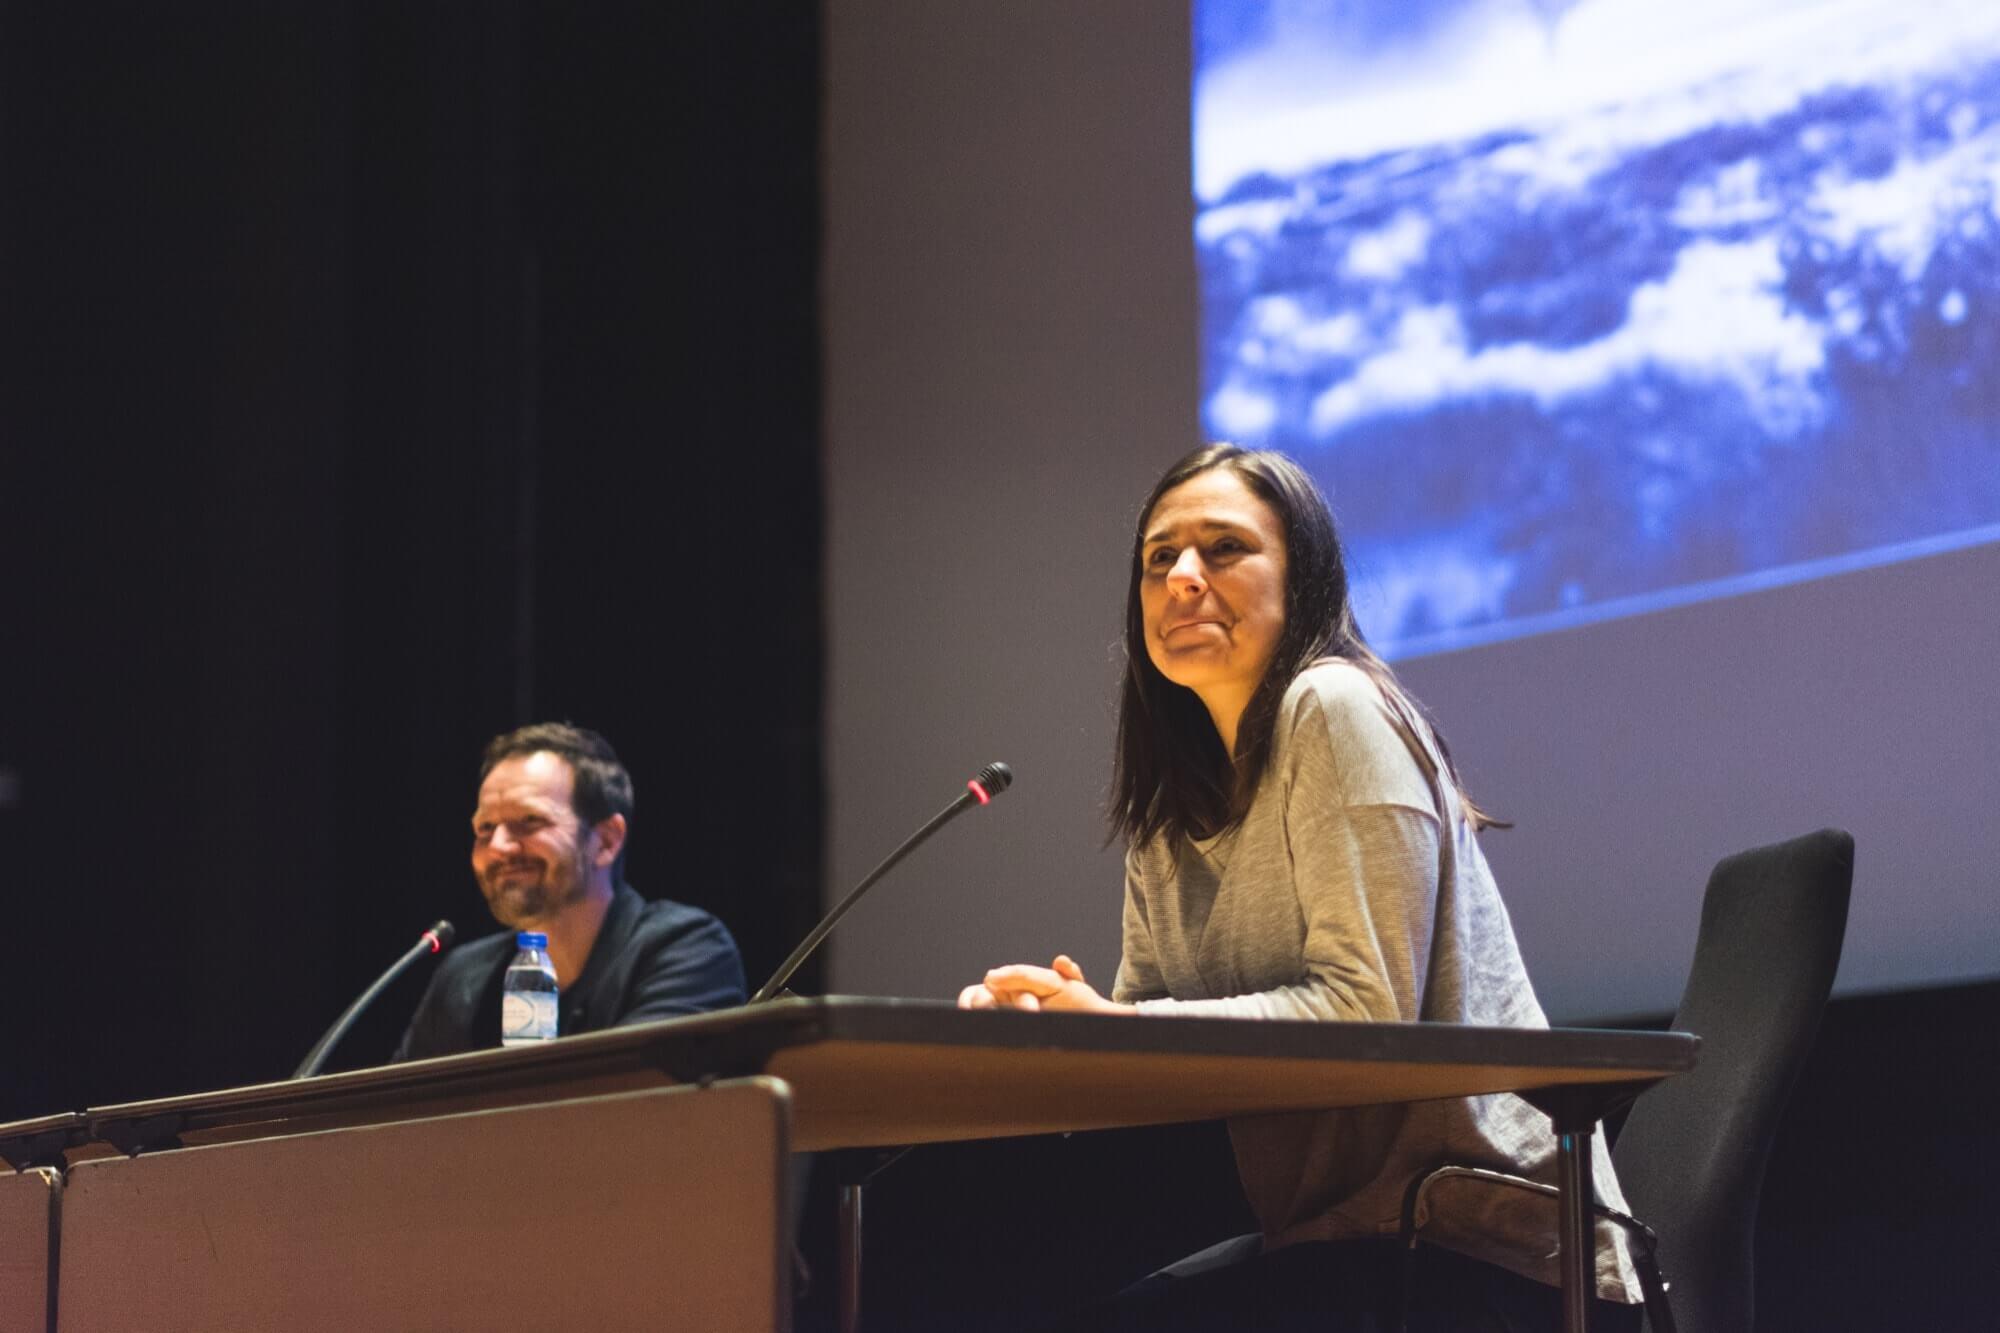 BIG . Conferências em Portugal